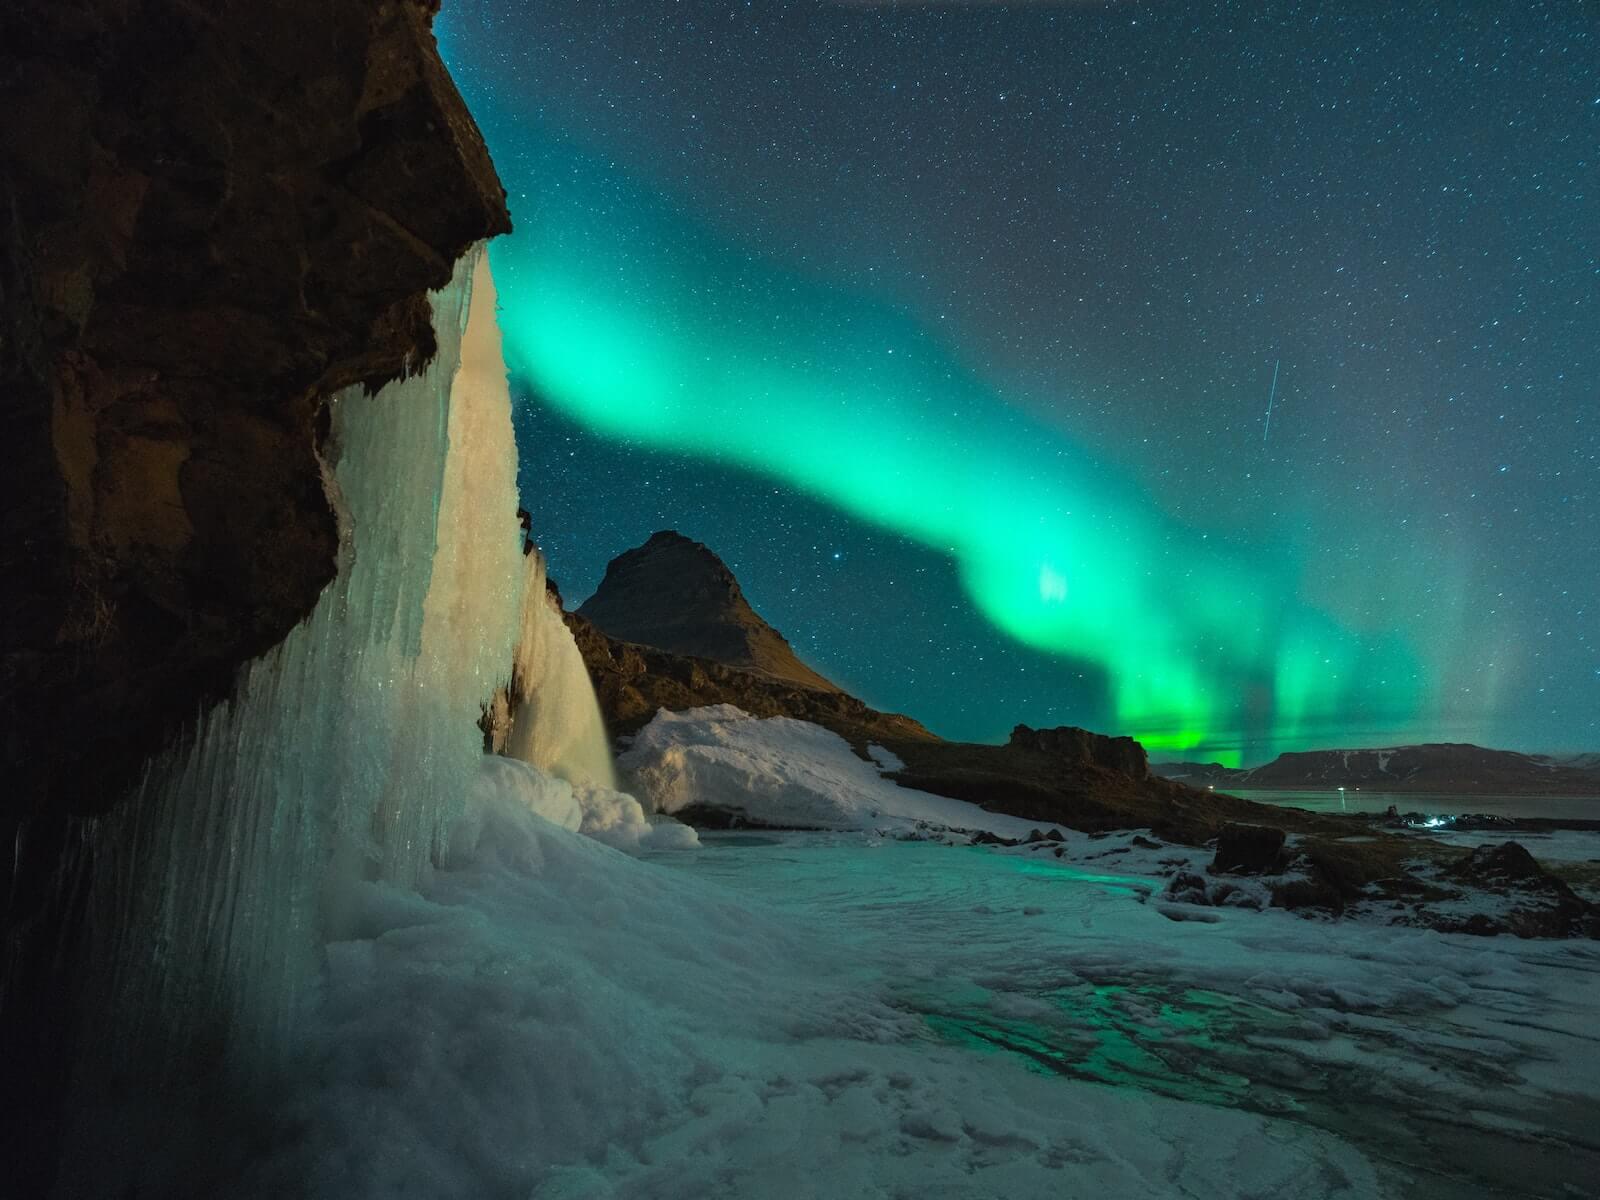 beste reistijd ijsland oktober t/m maart